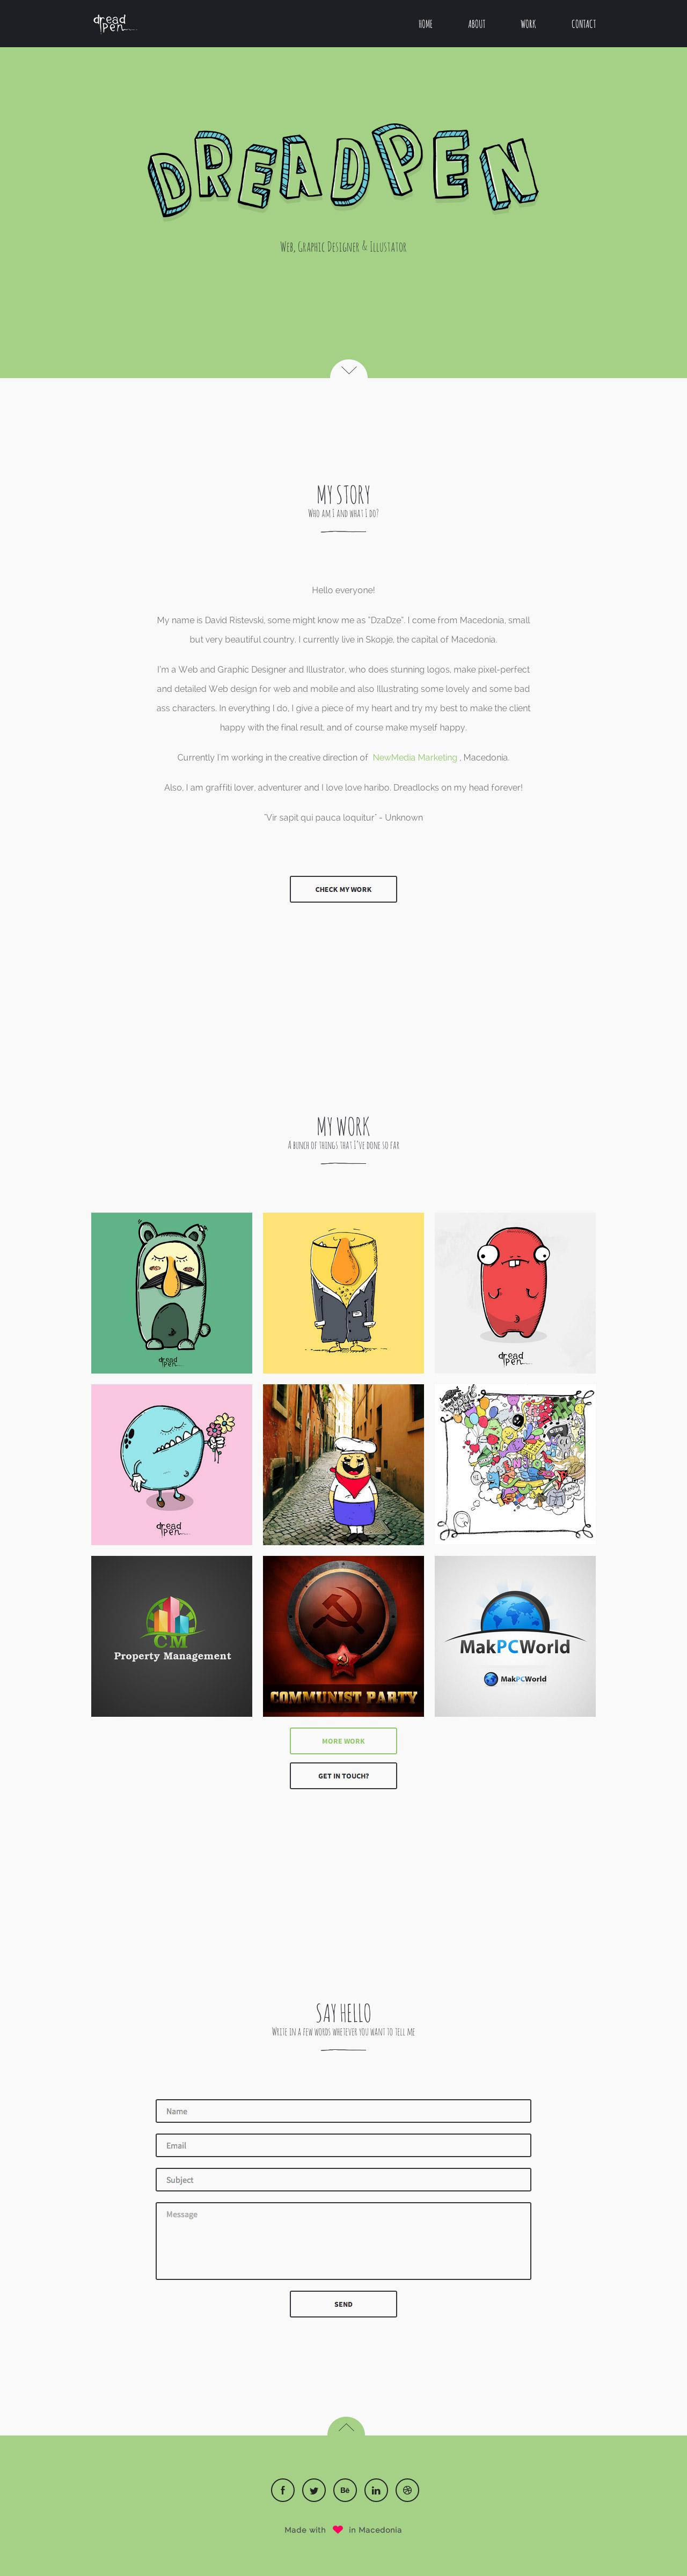 Dreadpen Website Screenshot